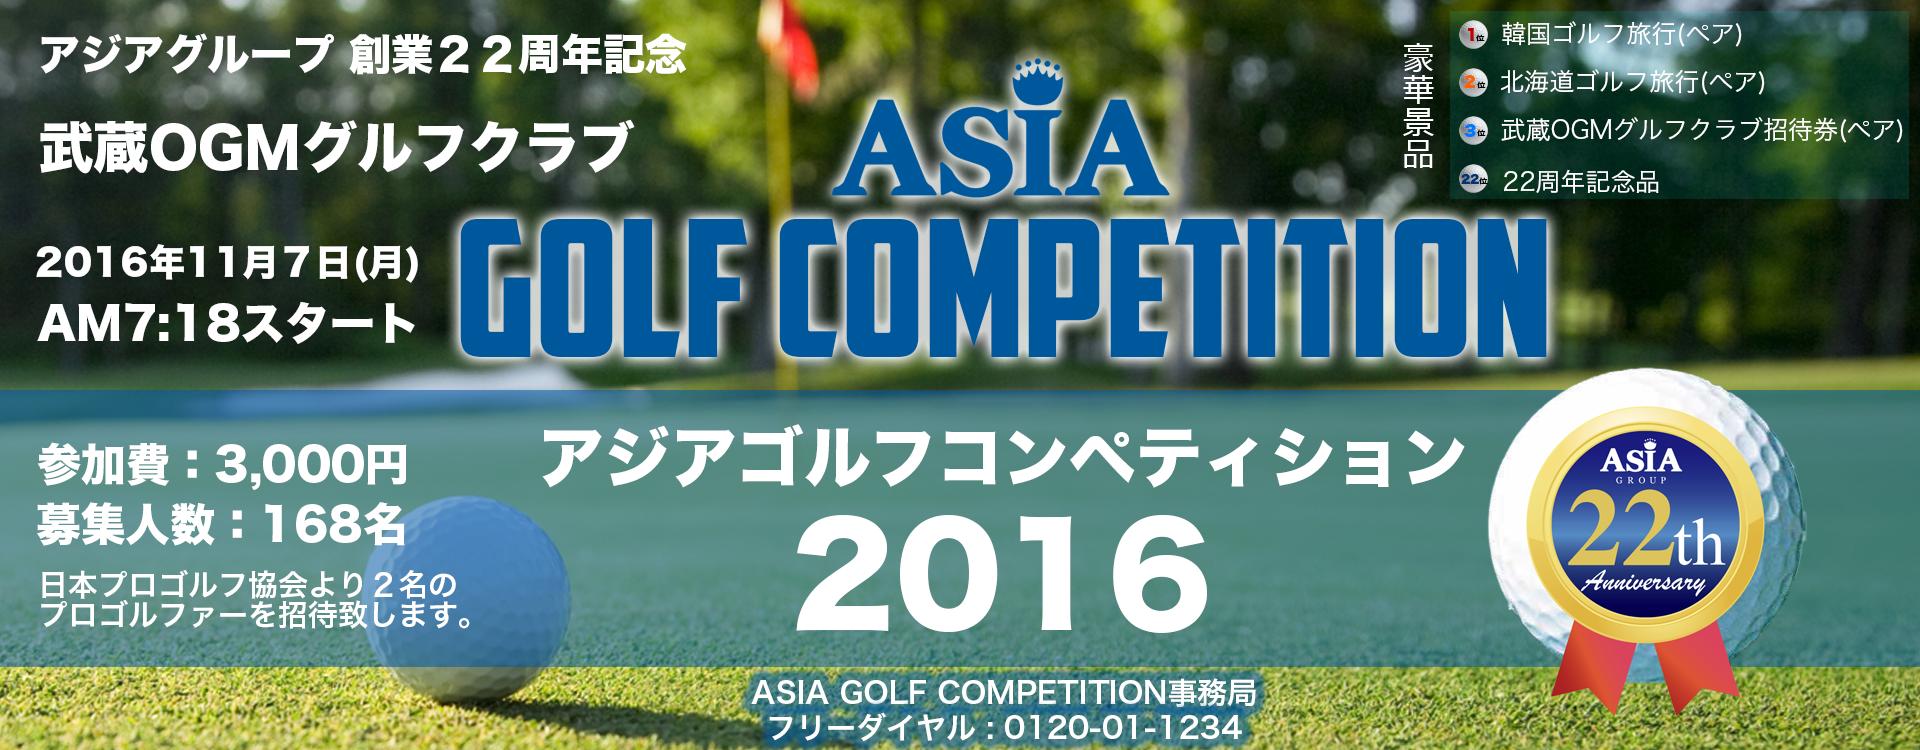 アジアゴルフコンペ 2016年